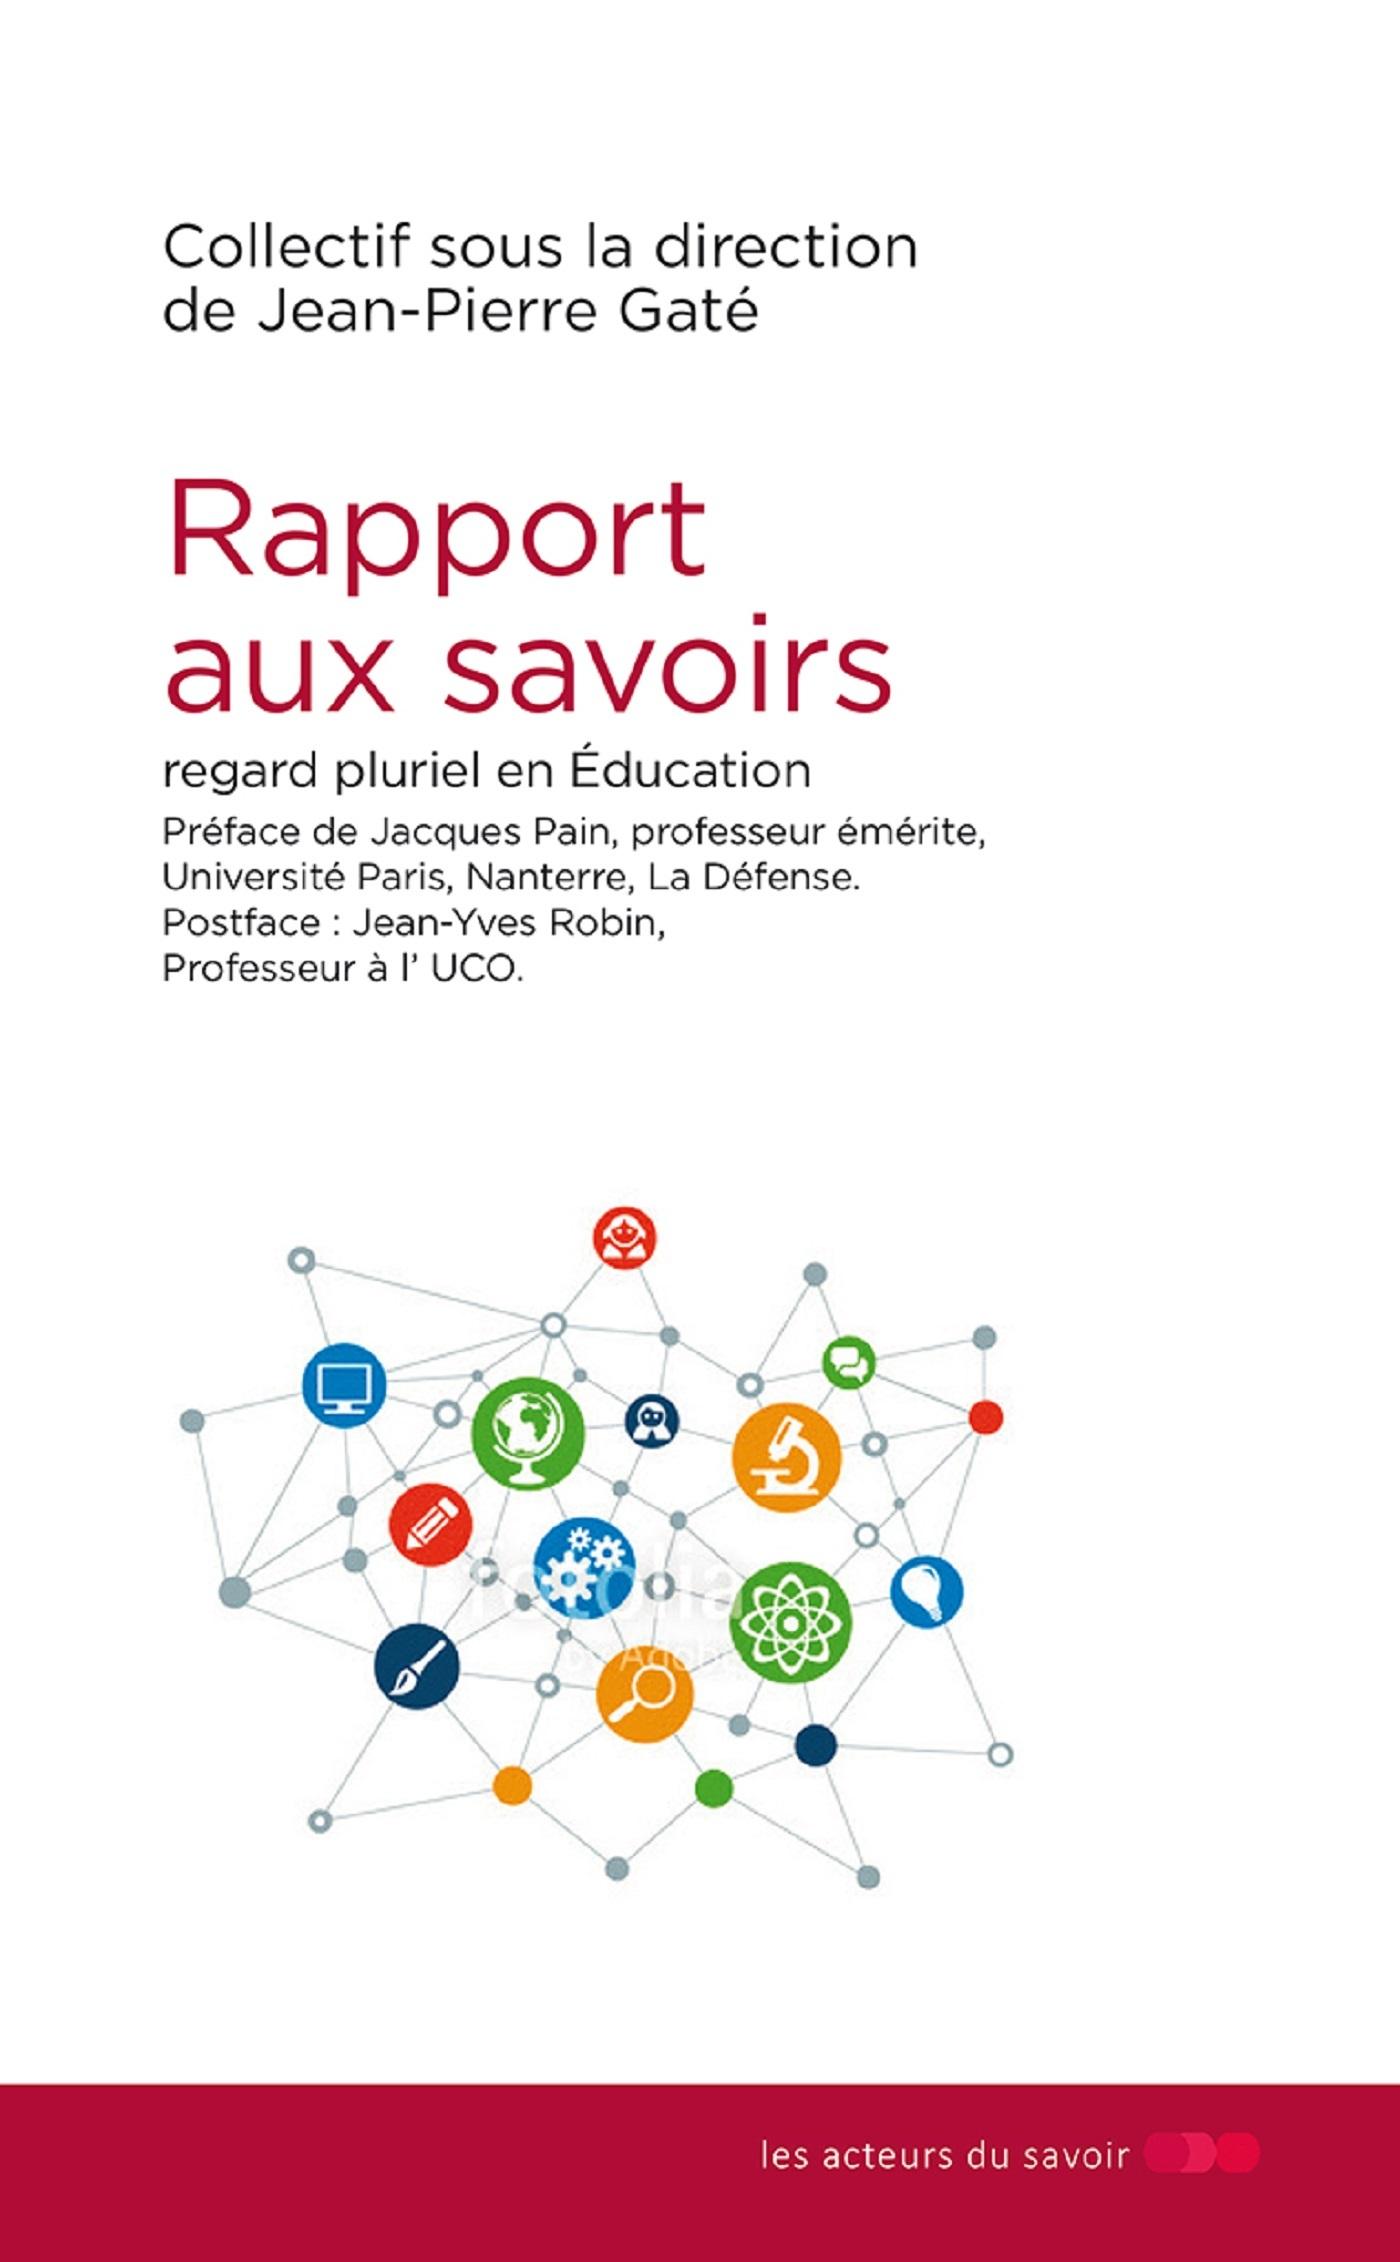 RAPPORT AUX SAVOIRS  REGARD PLURIEL EN EDUCATION